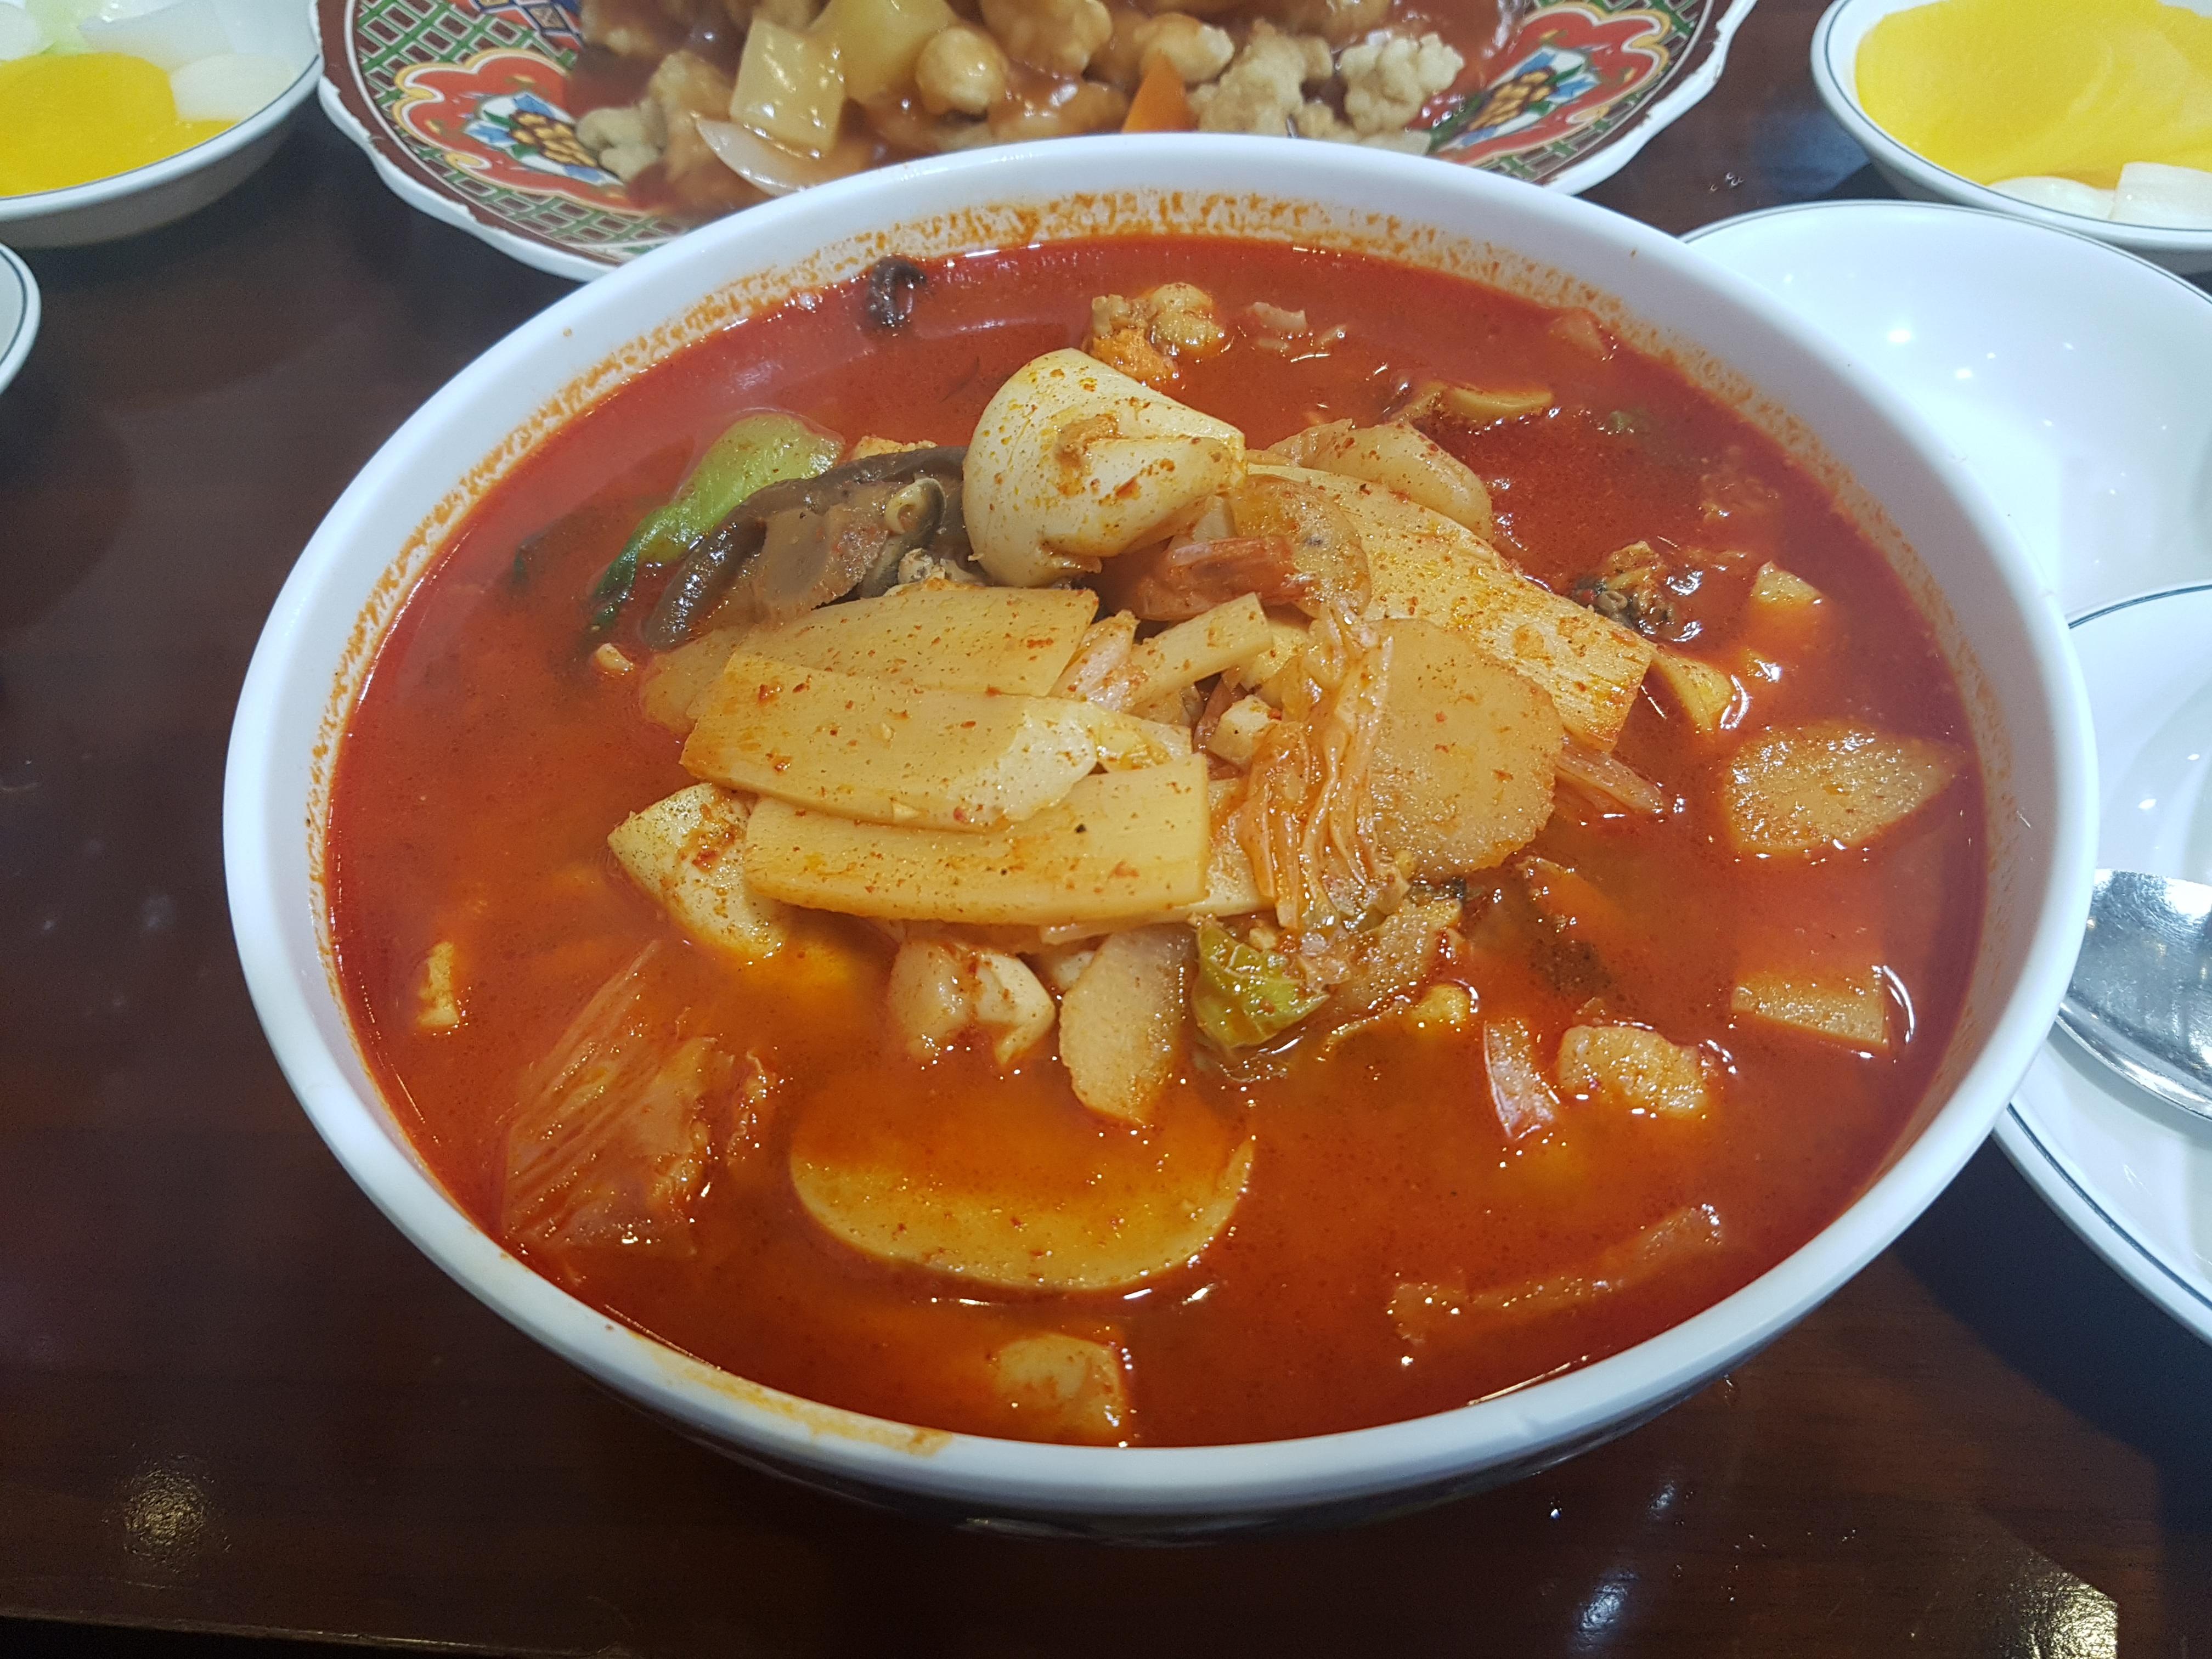 [영등포맛집/영등포역] 송죽장 / 고추짬뽕 / 고추짜장 / 60년 전통 / 영등포데이트